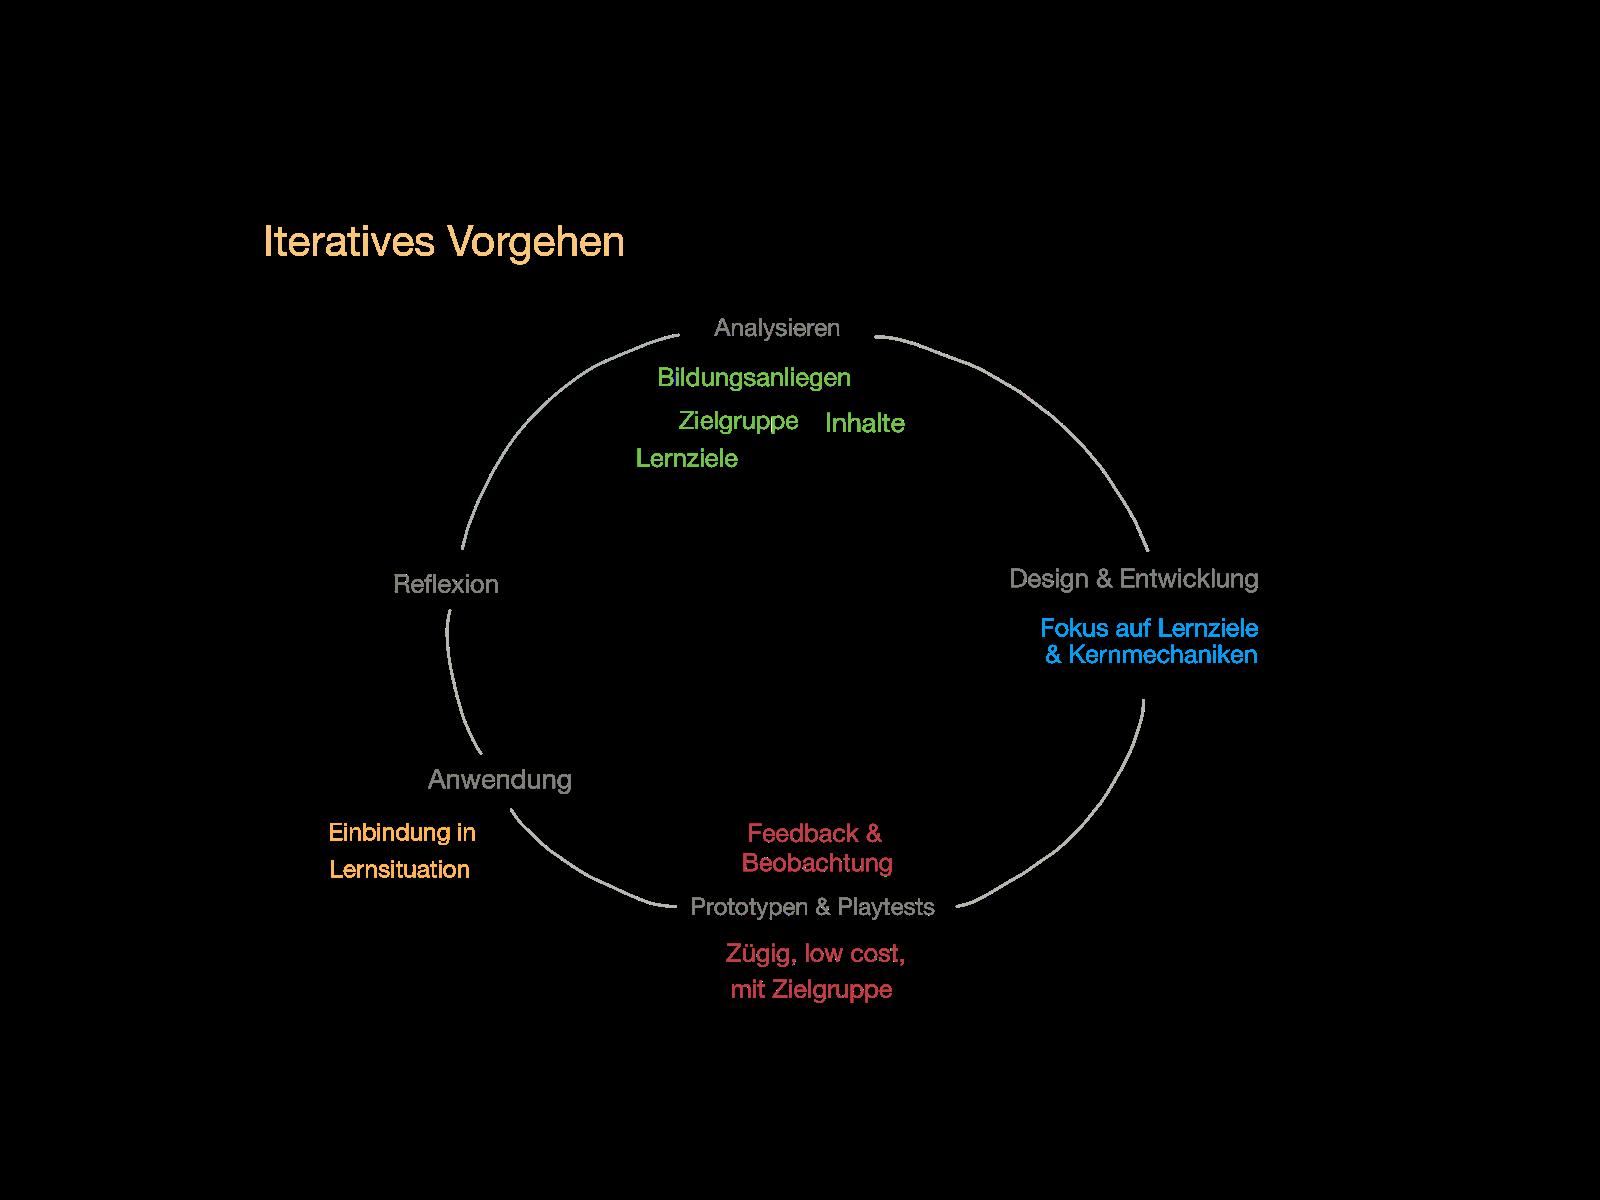 Schaubild zum Game Design Zyklus